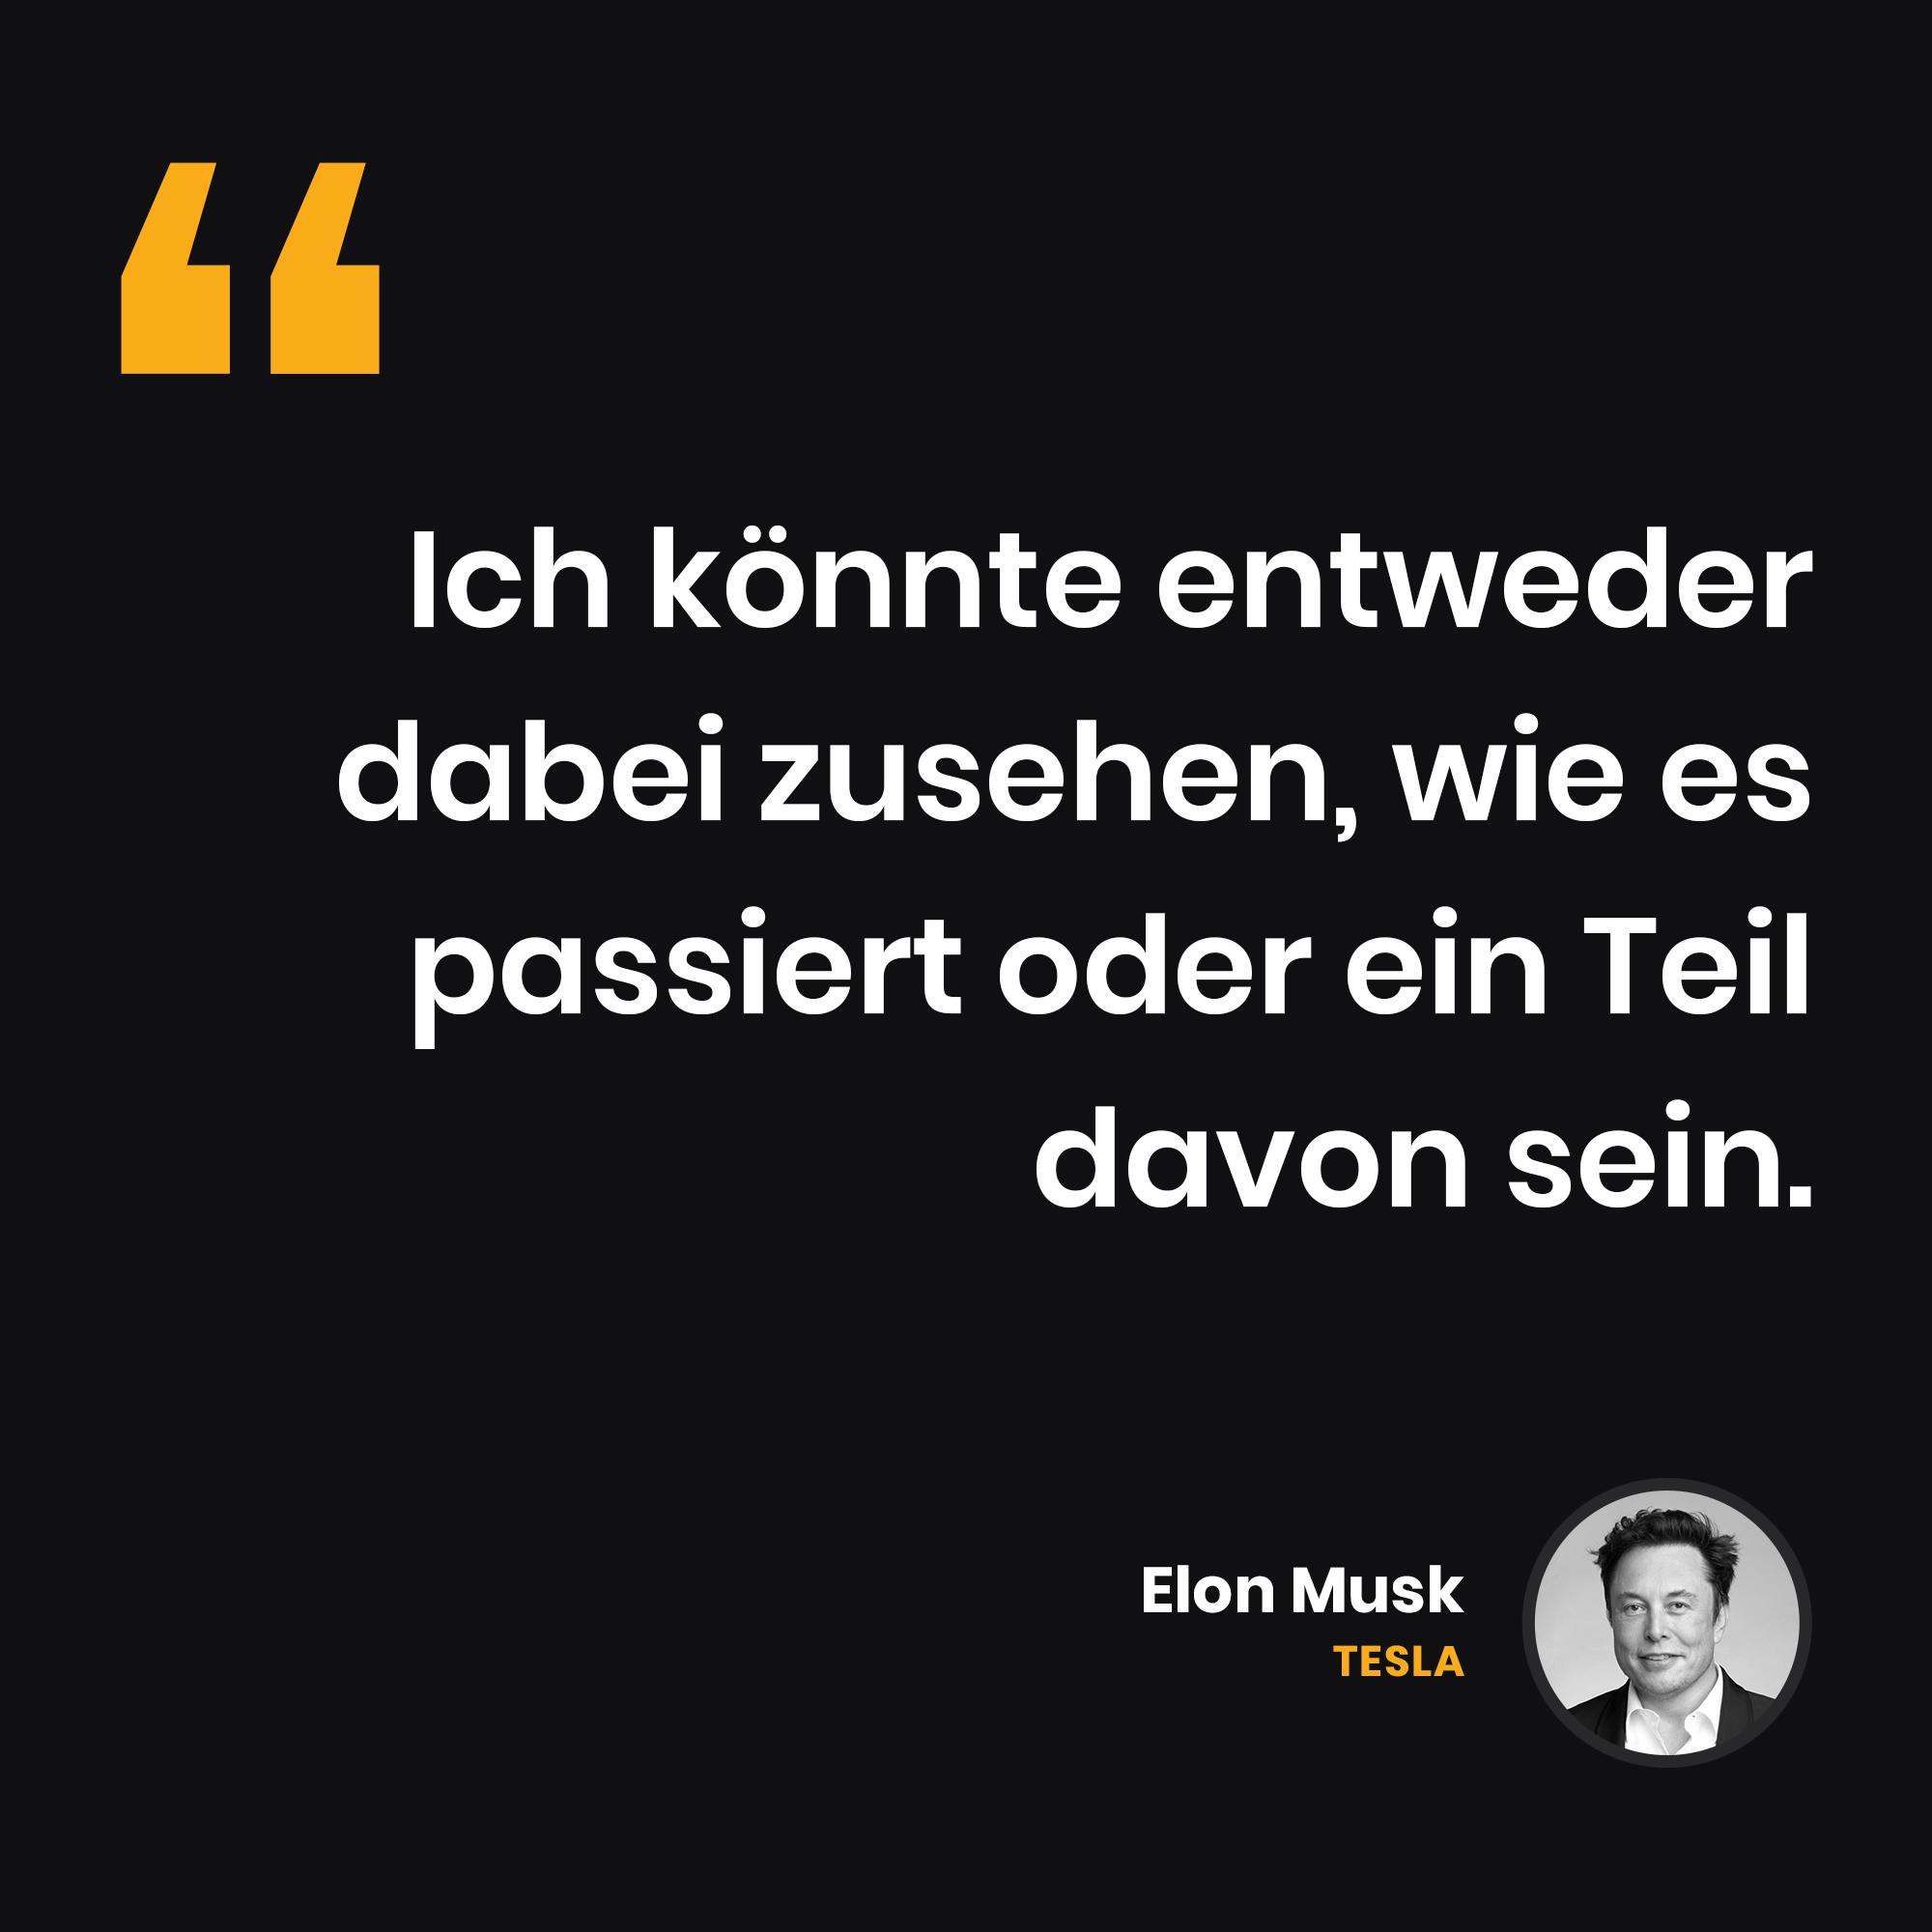 Sei ein Teil davon - Elon Musk